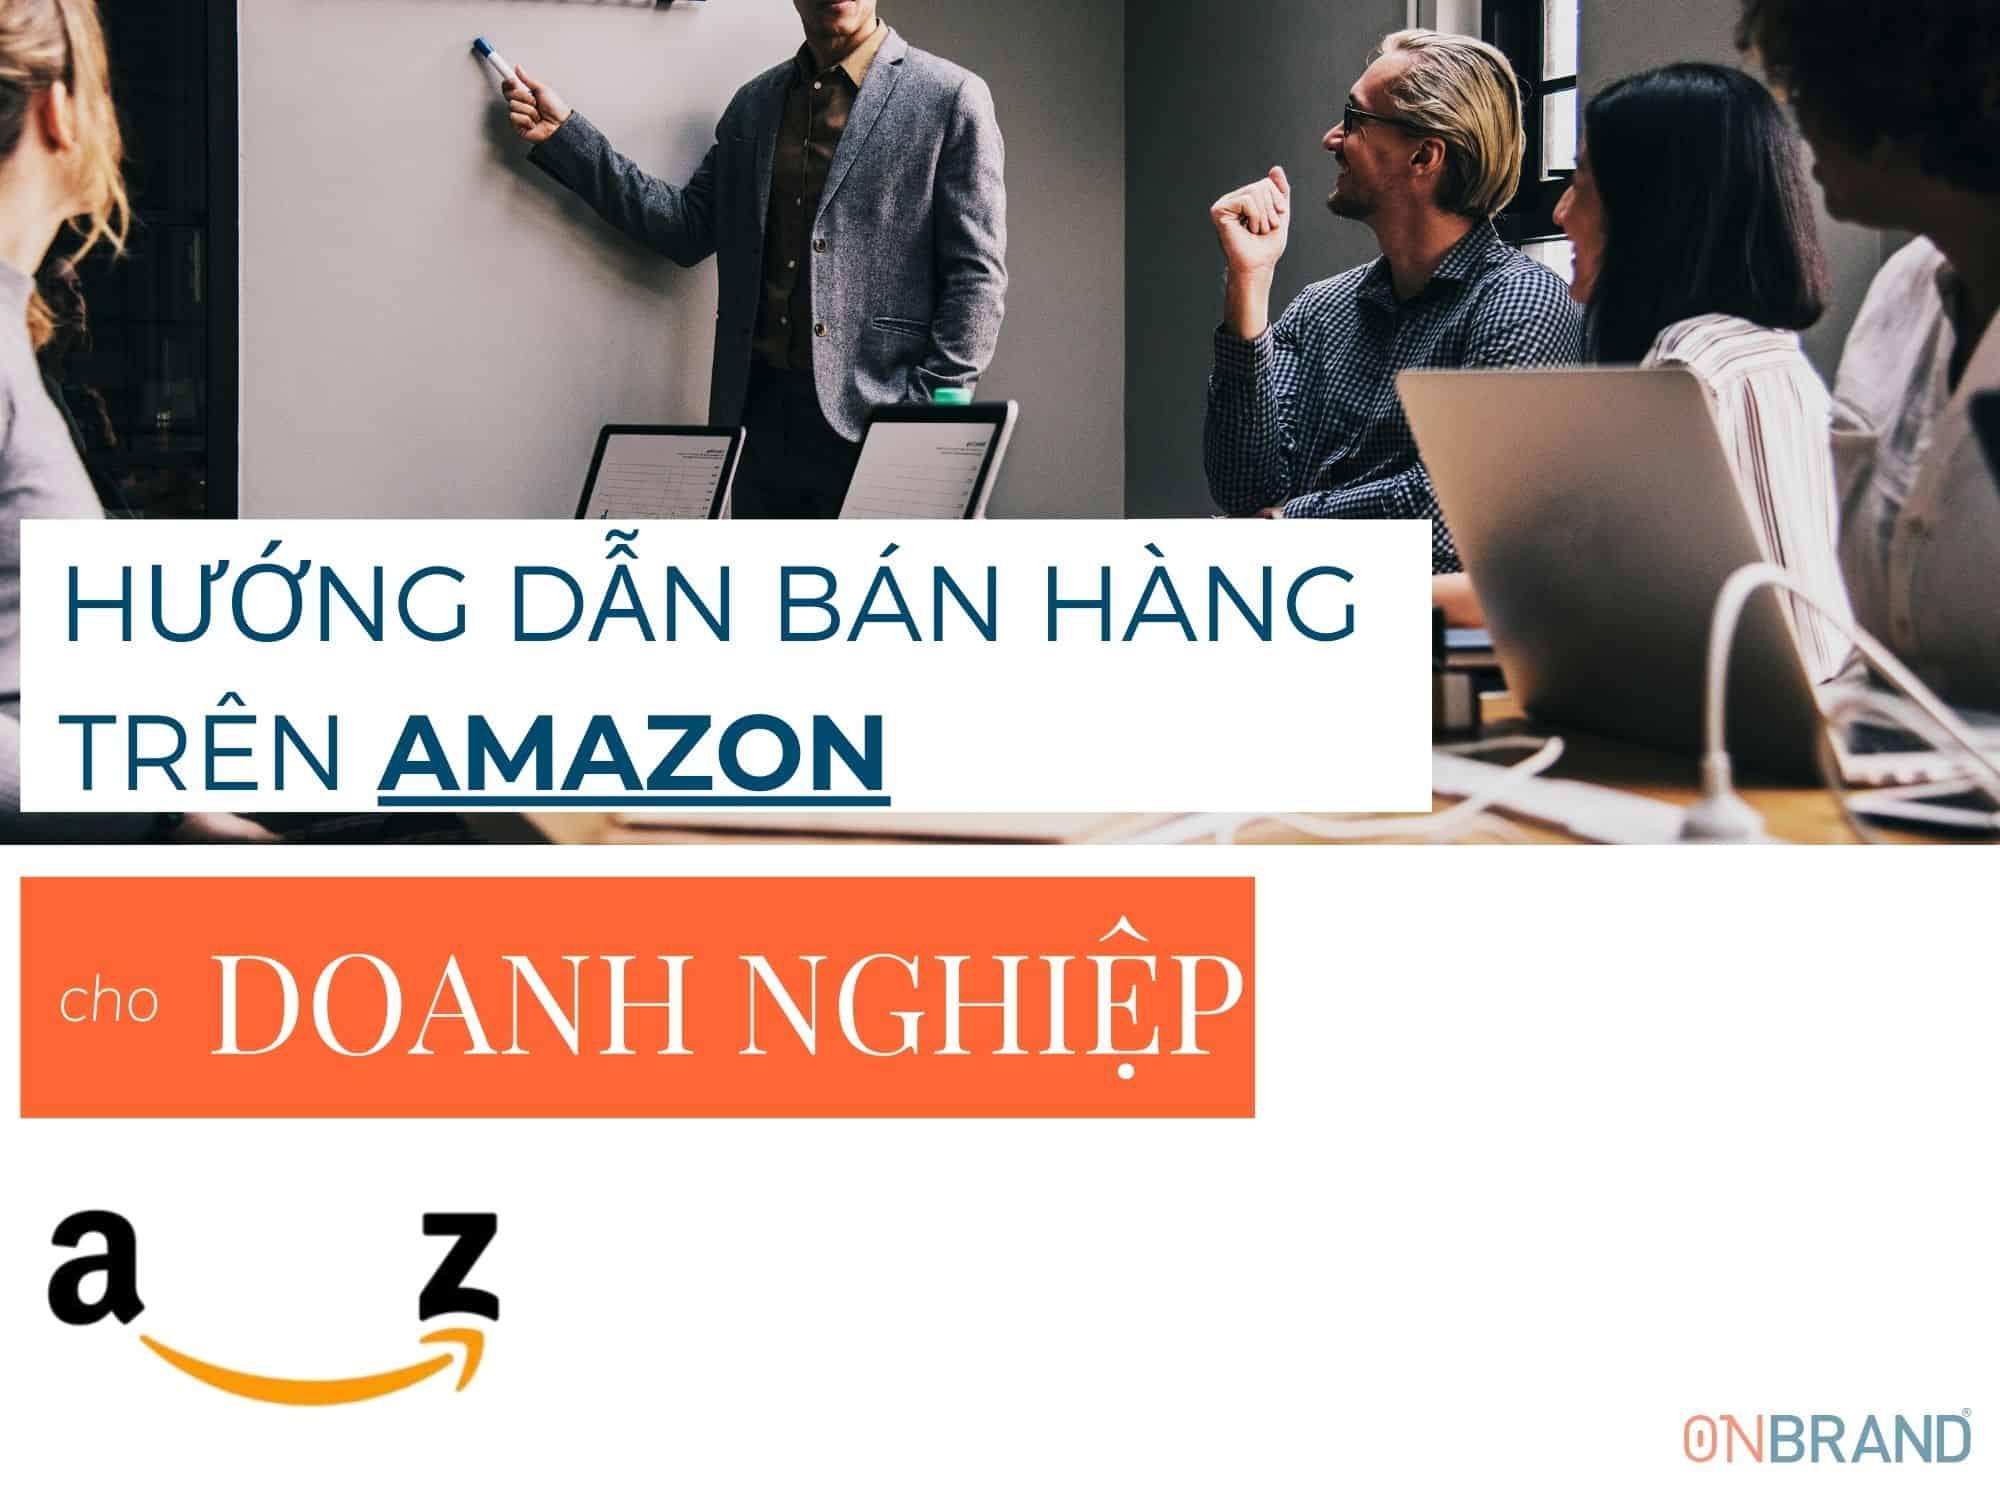 Hướng dẫn A-Z bán hàng Amazon cho doanh nghiệp